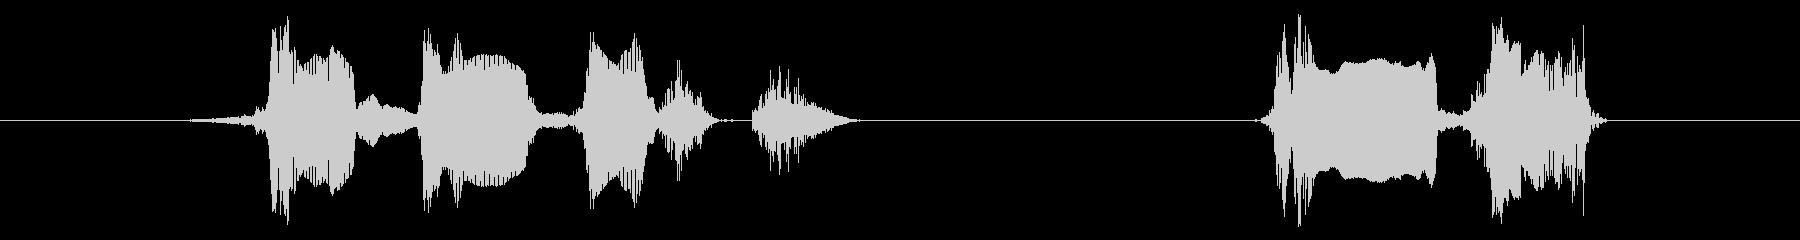 サンダーボルト チャージ[若いヒロイン]の未再生の波形